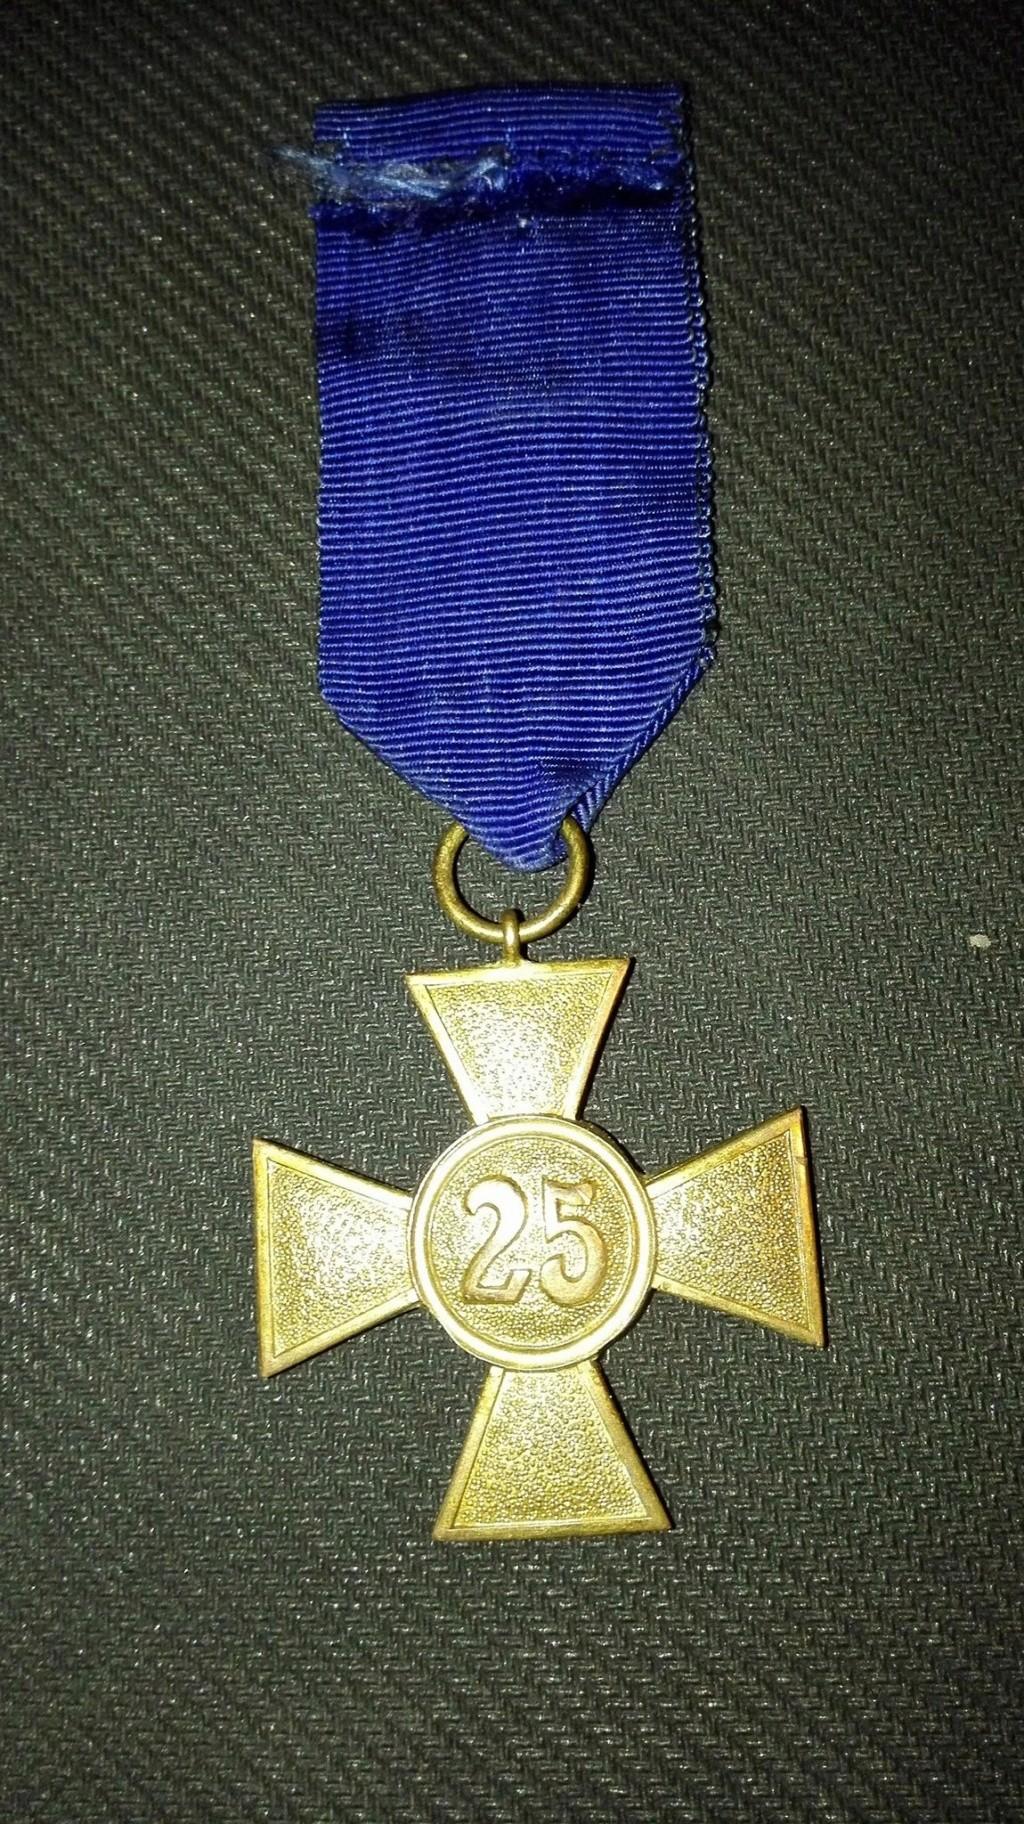 authentification pour cette medaille en vente sur le forum 30221311